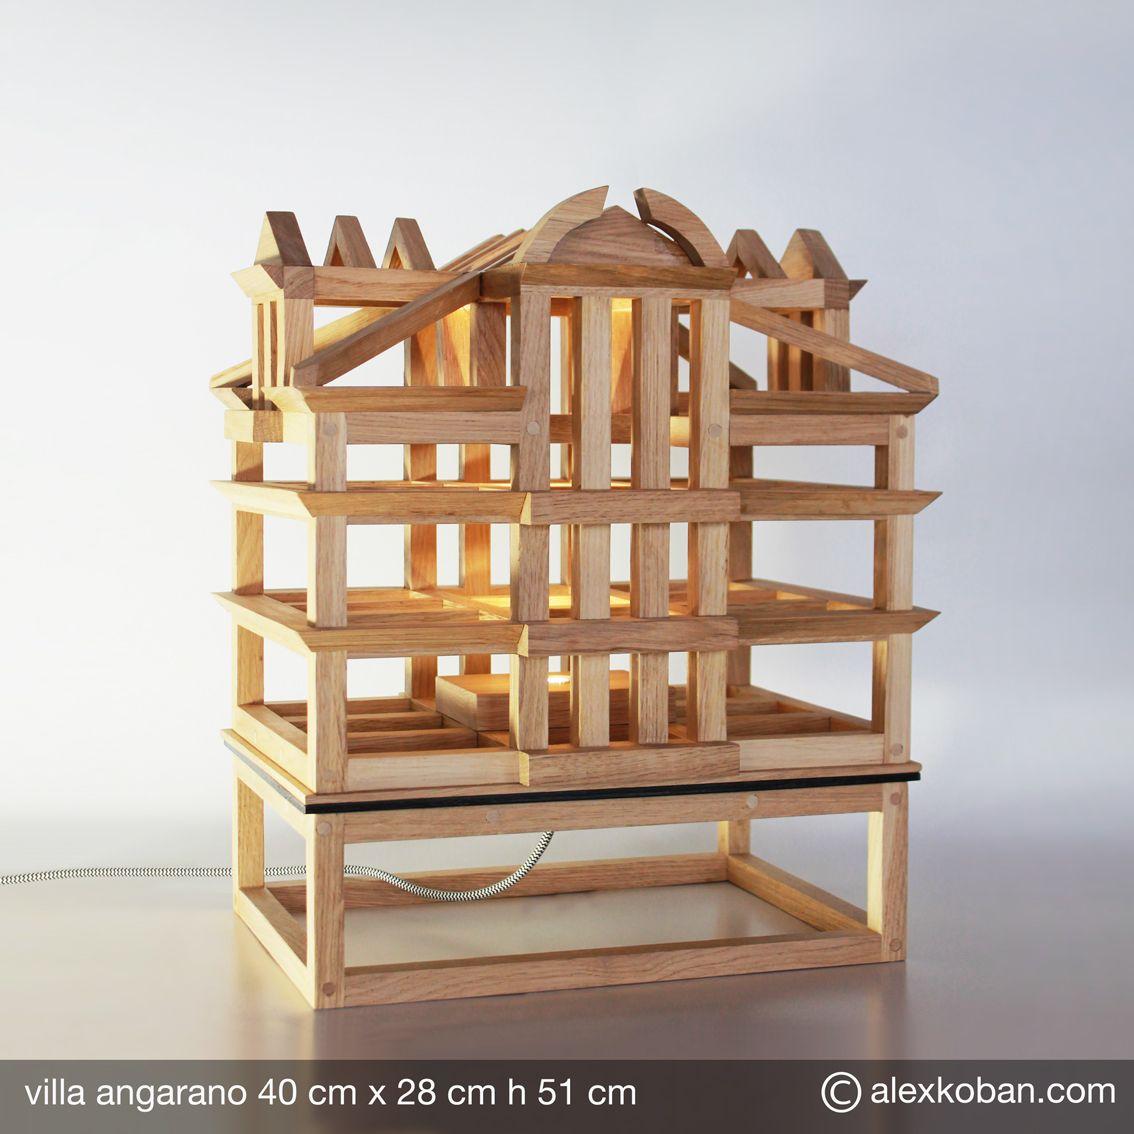 lampada villa angarano da tavola